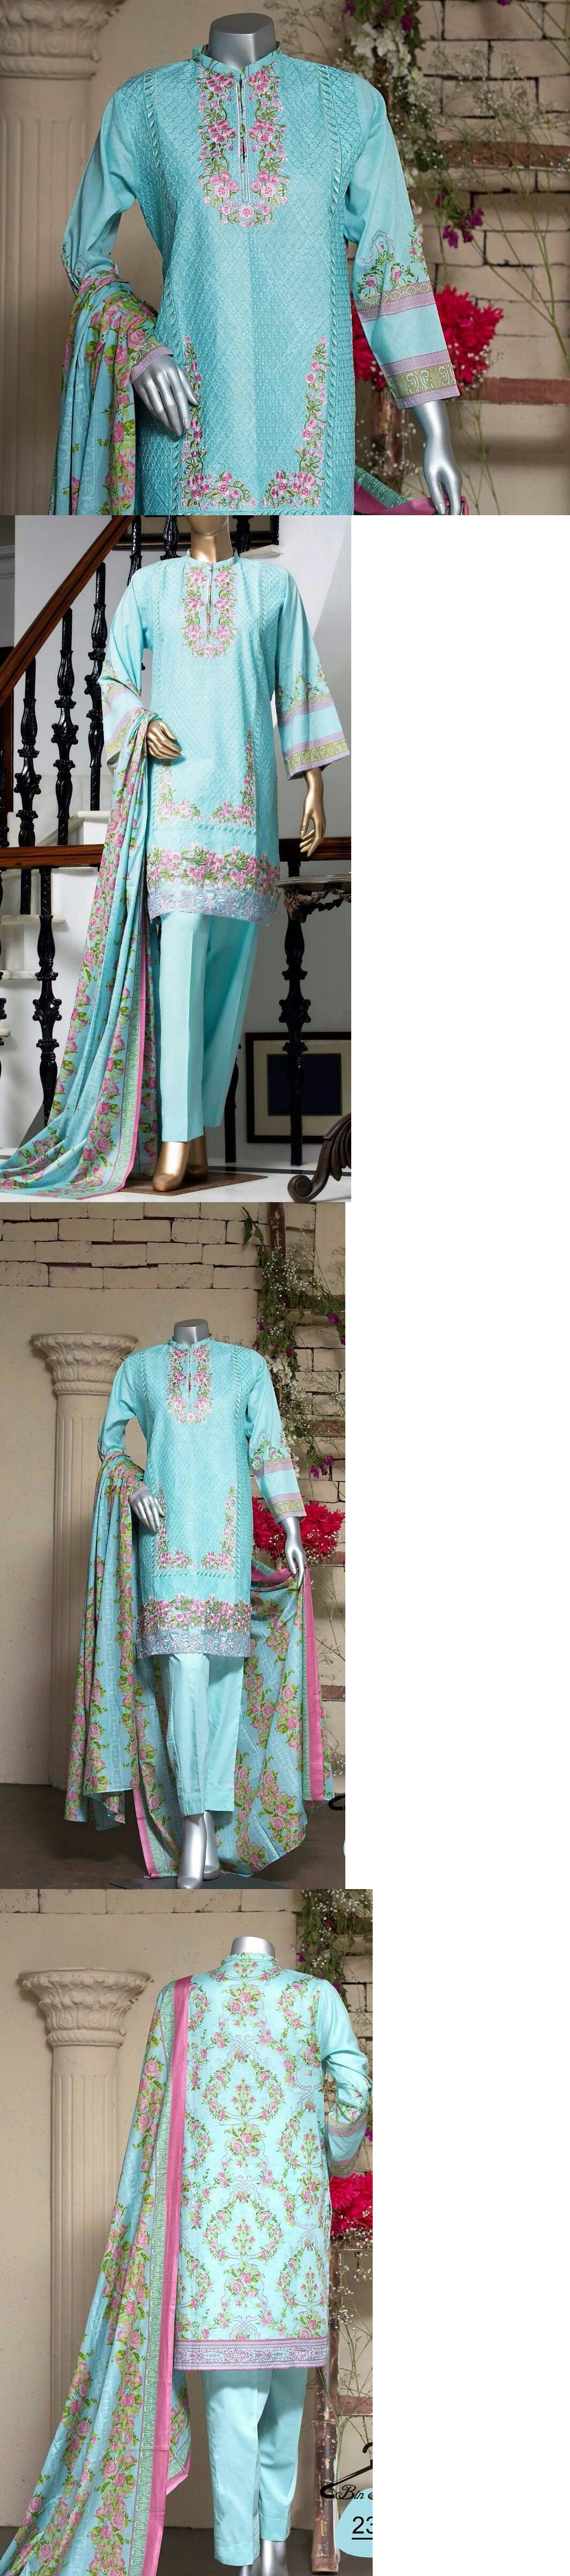 Pink dress shirt blue suit  Salwar Kameez  Indian Pakistani Blue Embroidered Elegant